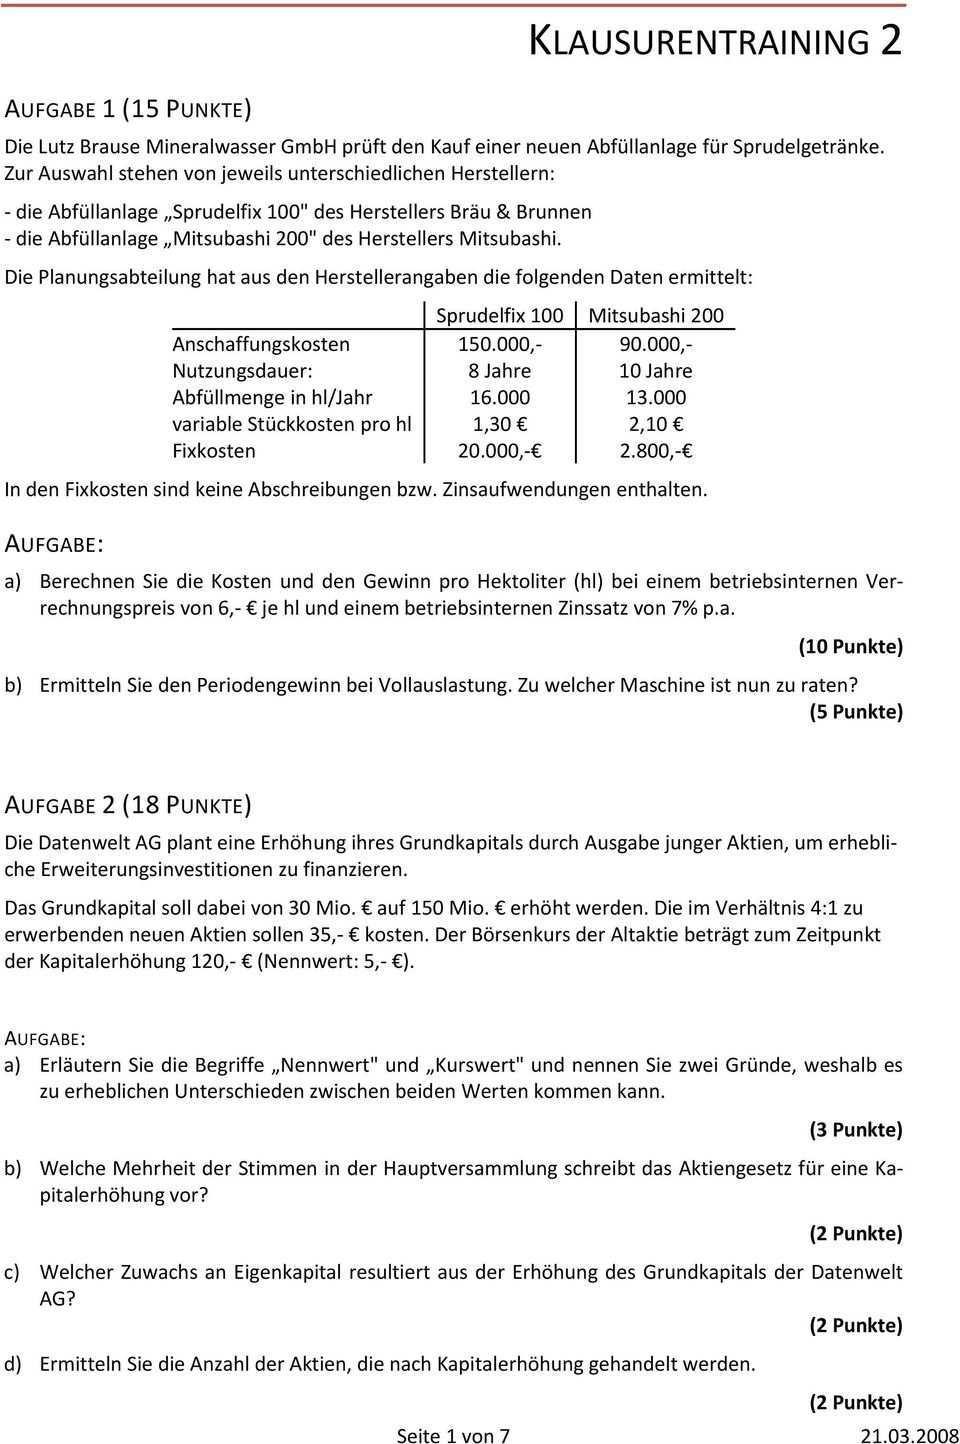 Klausurentraining 2 A Berechnen Sie Die Kosten Und Den Gewinn Pro Hektoliter Hl Bei Einem Betriebsinternen Verrechnungspreis Pdf Kostenfreier Download